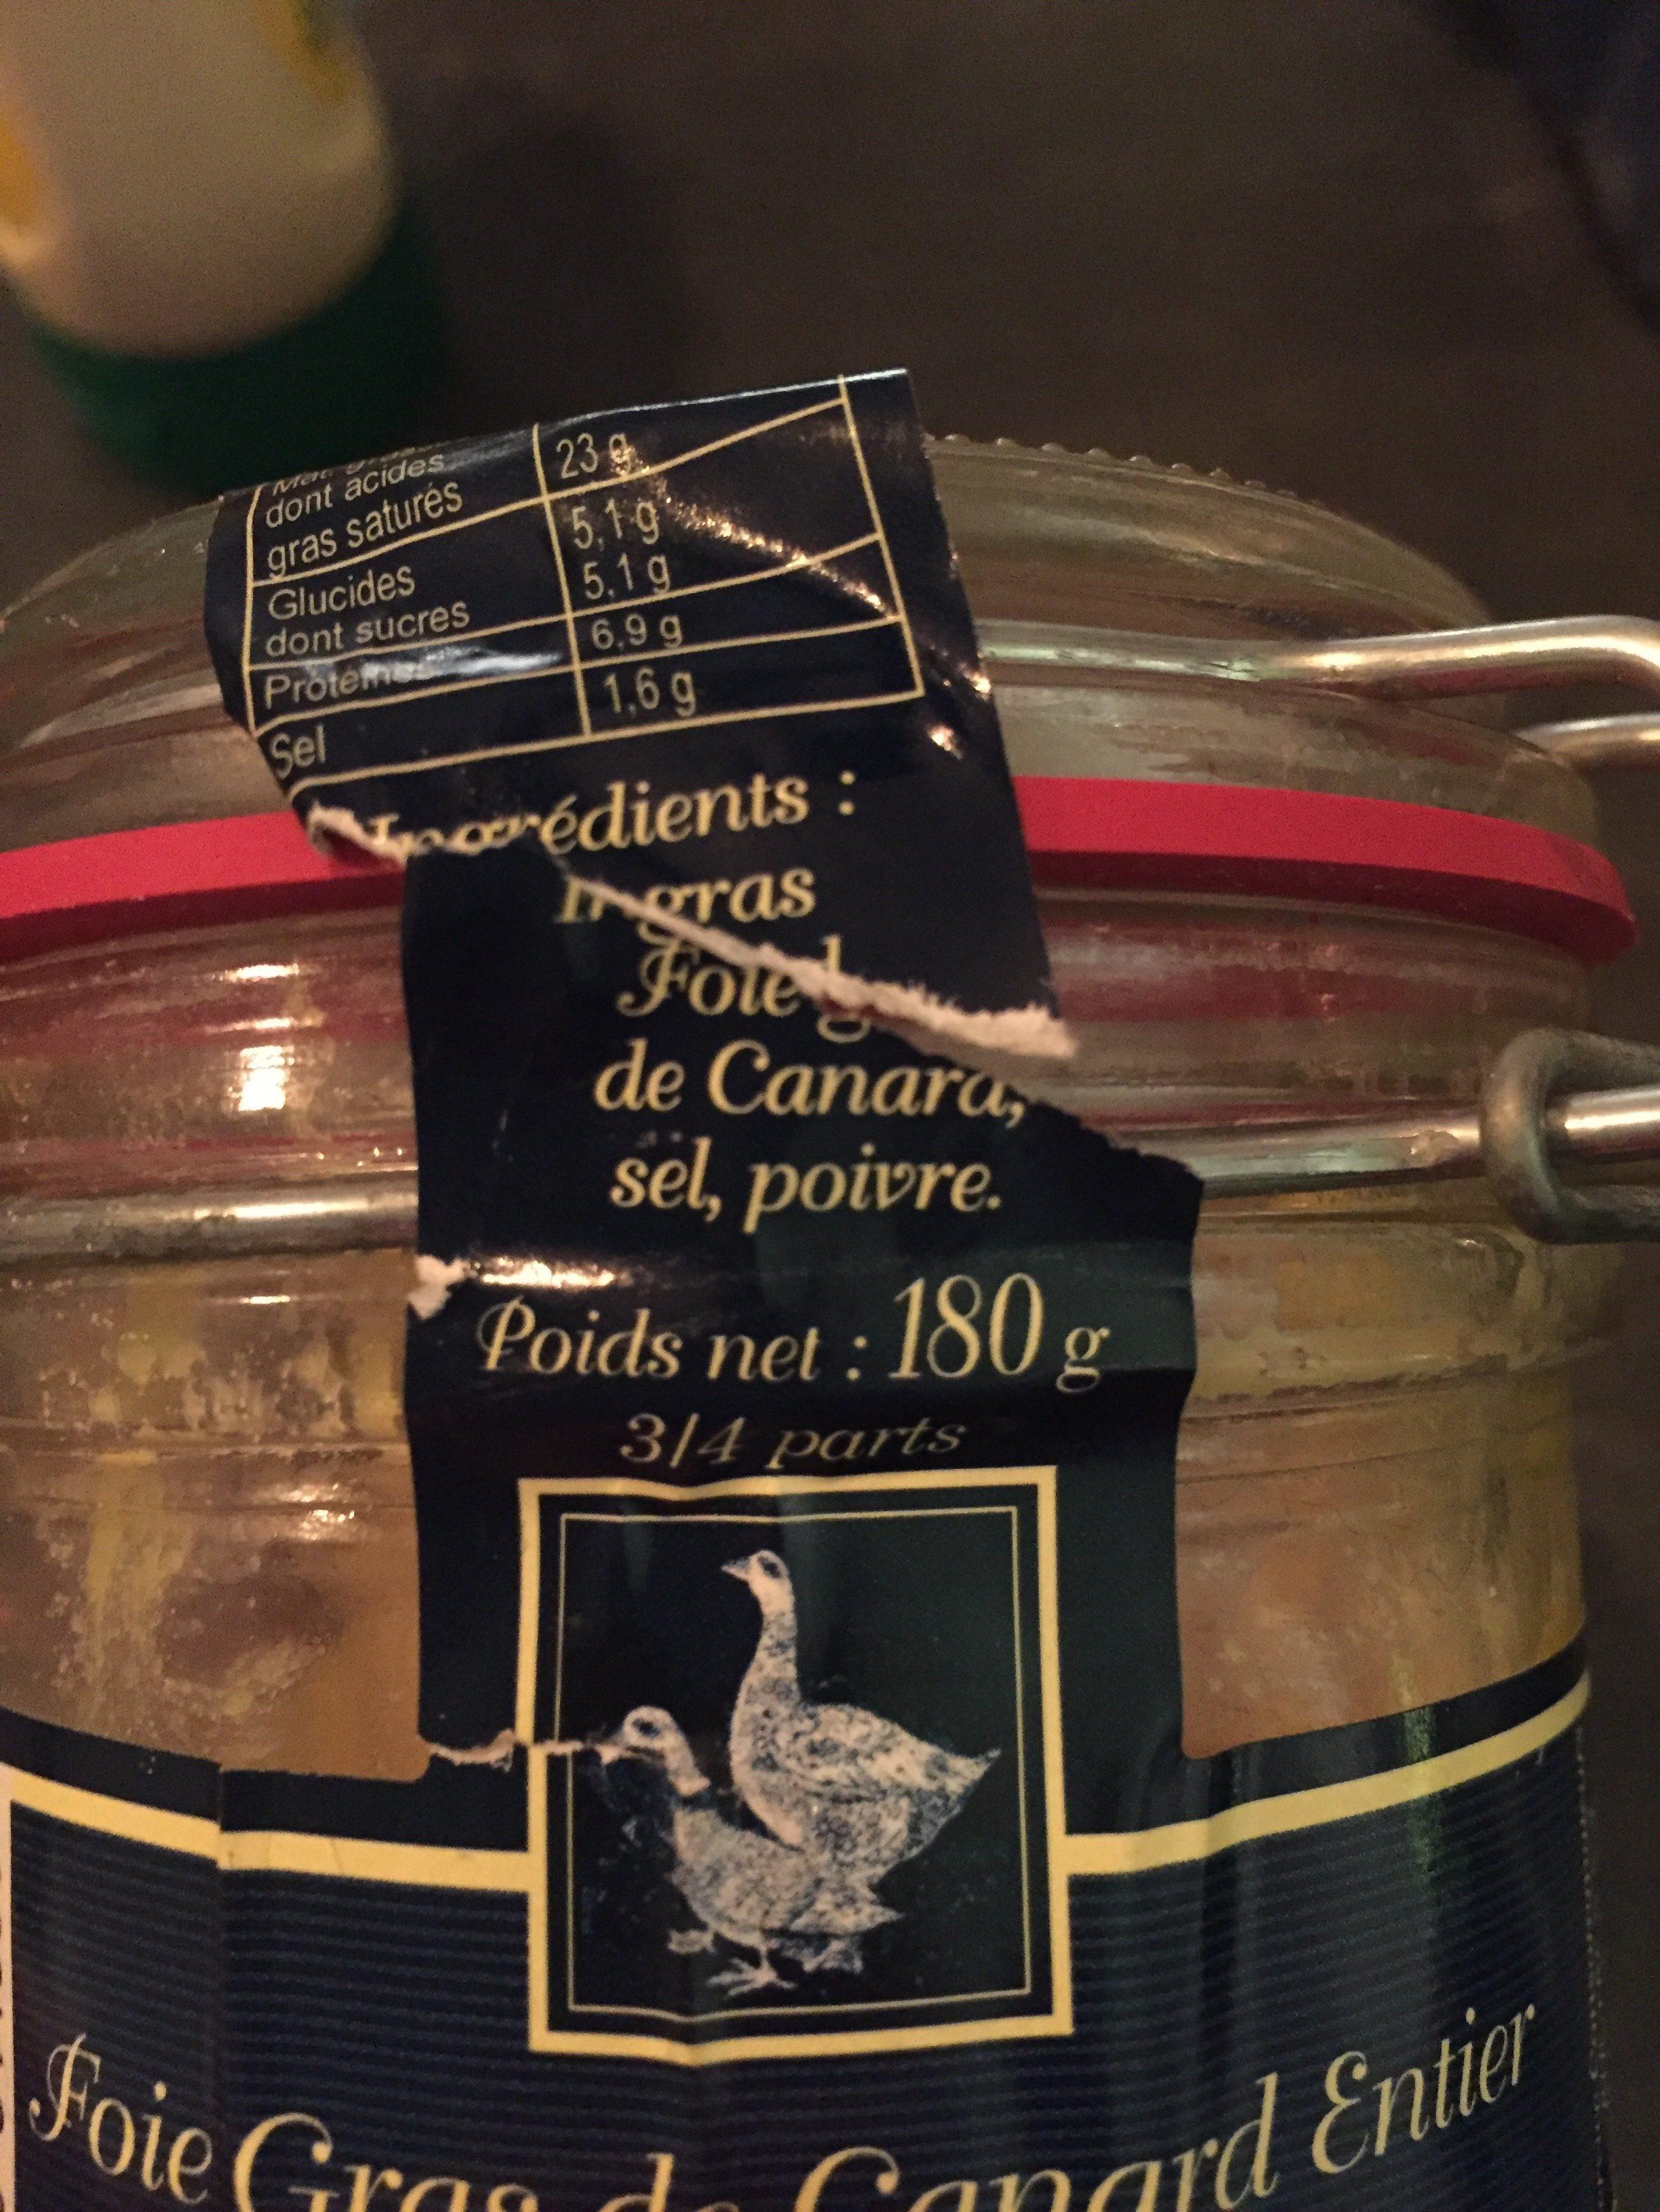 Foie gras de canard entier du Sud Ouest - Ingrédients - fr